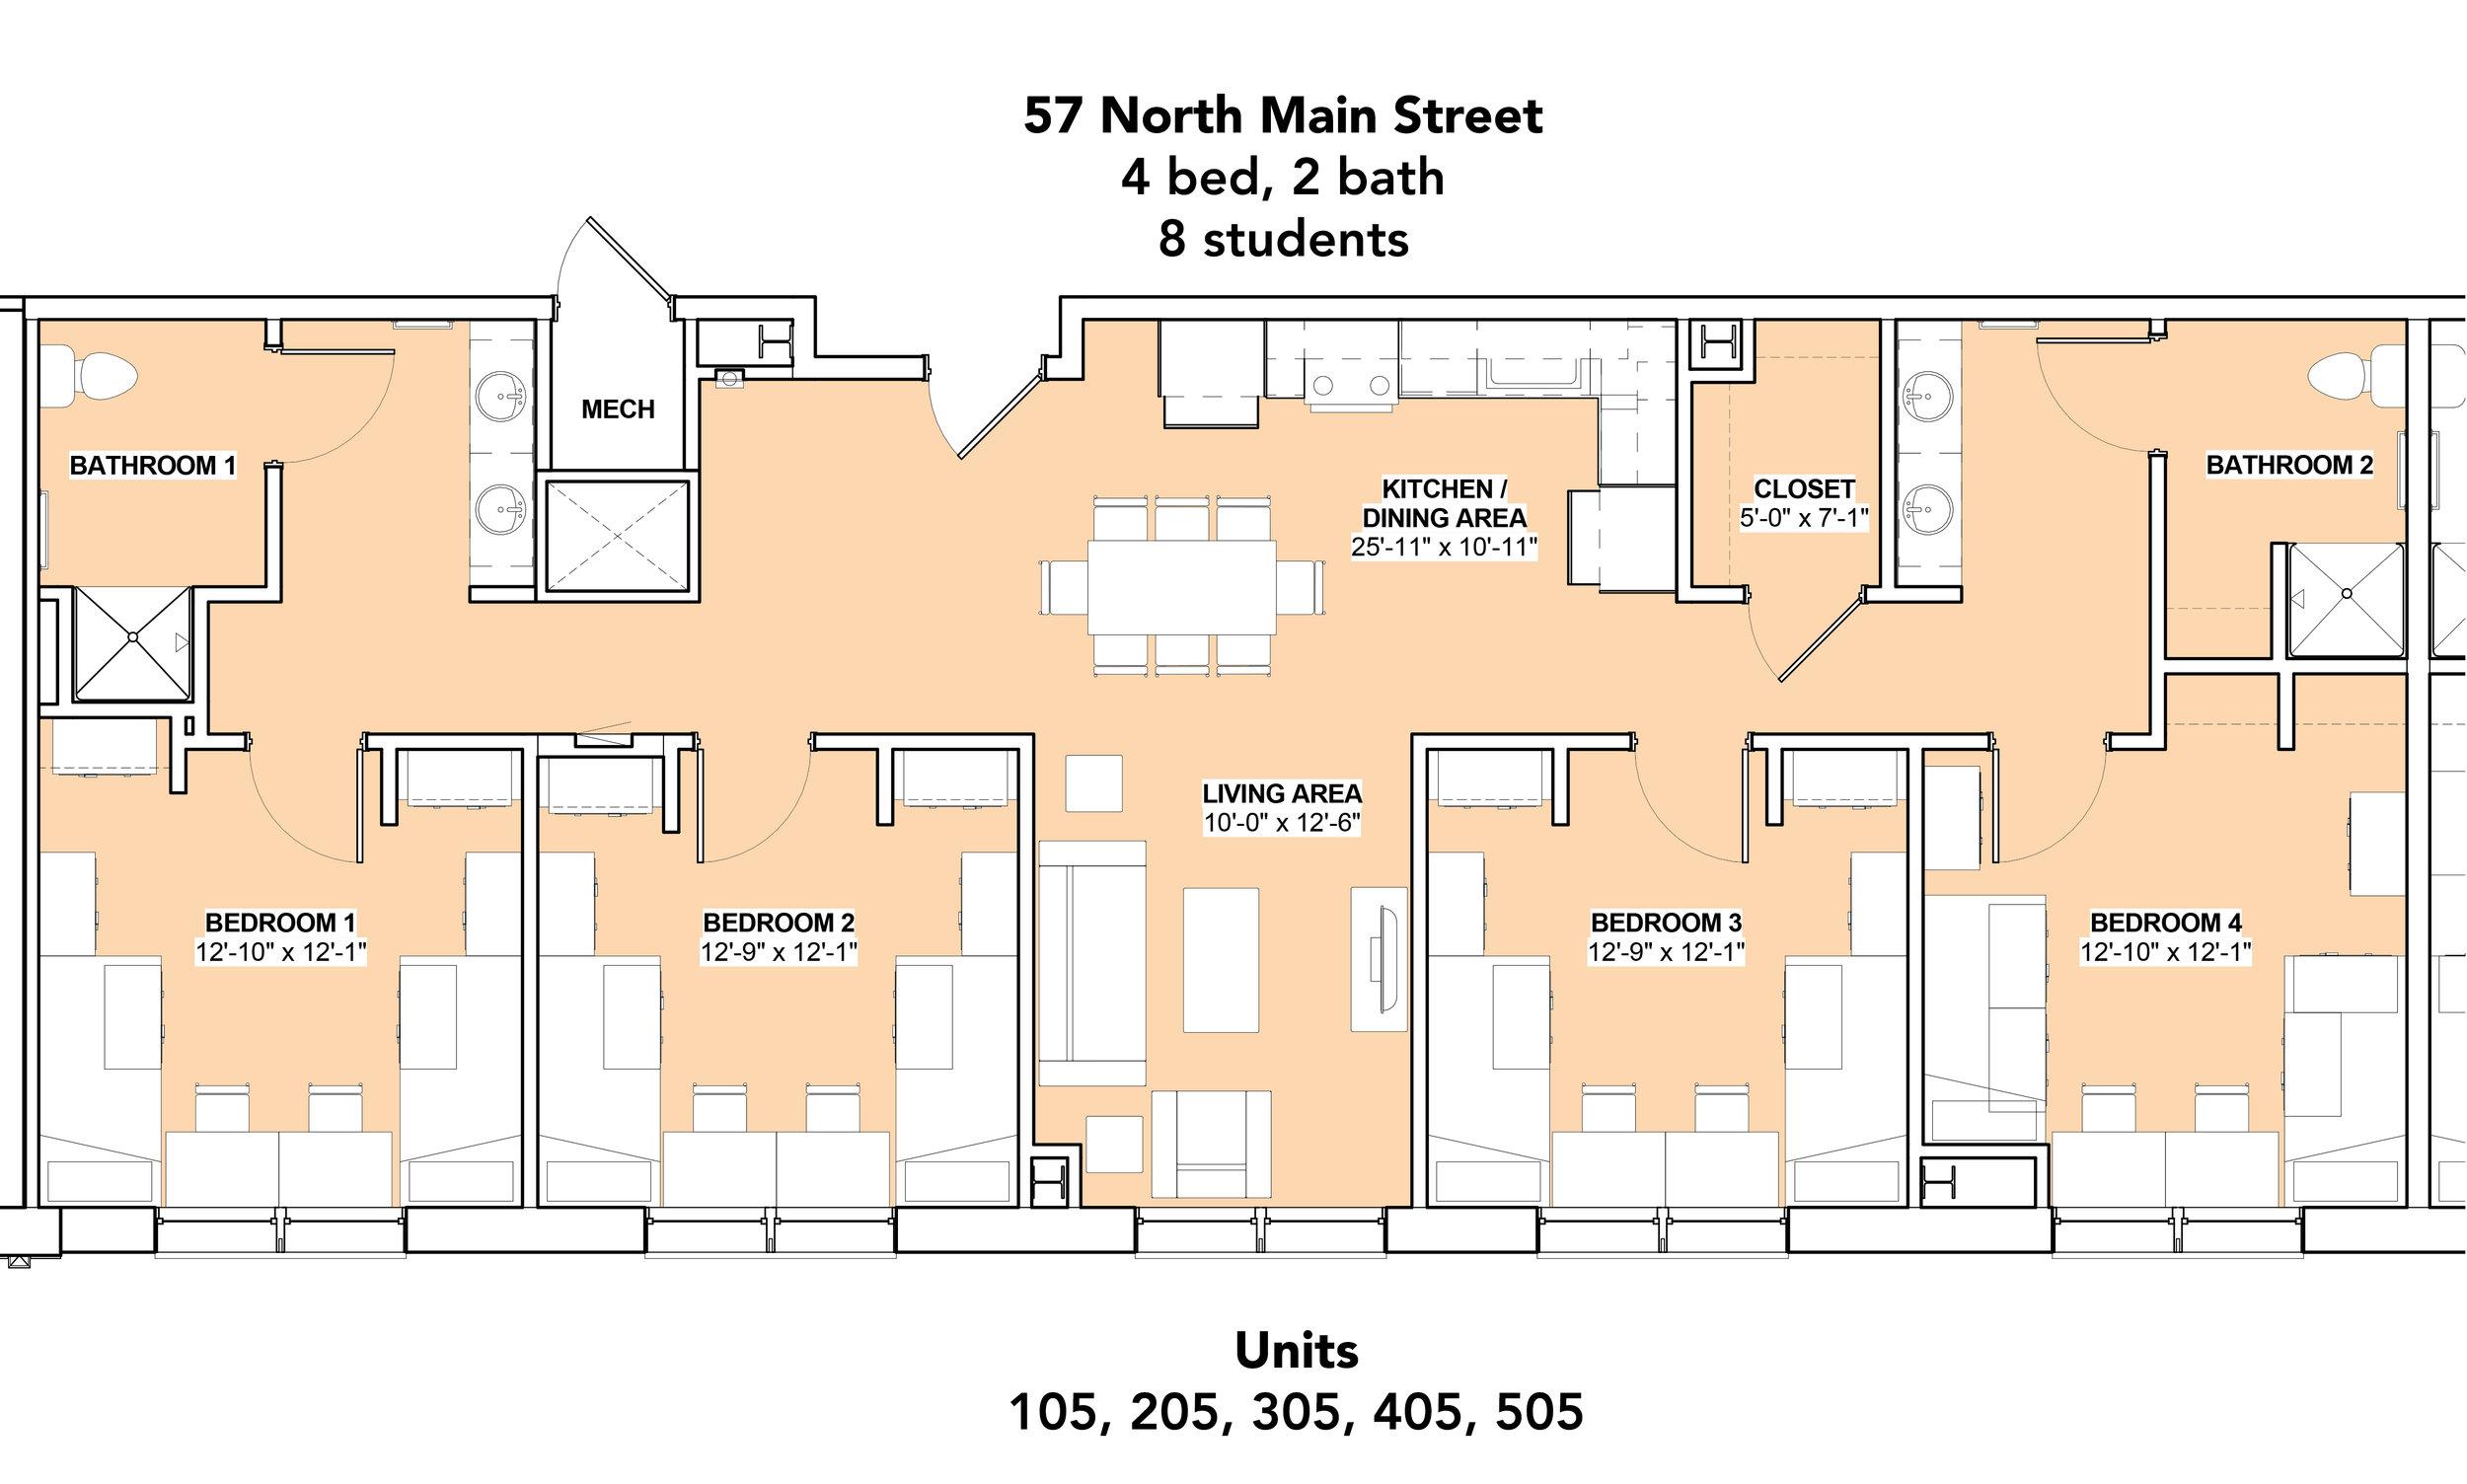 57 North Main 8 stud_1.jpg